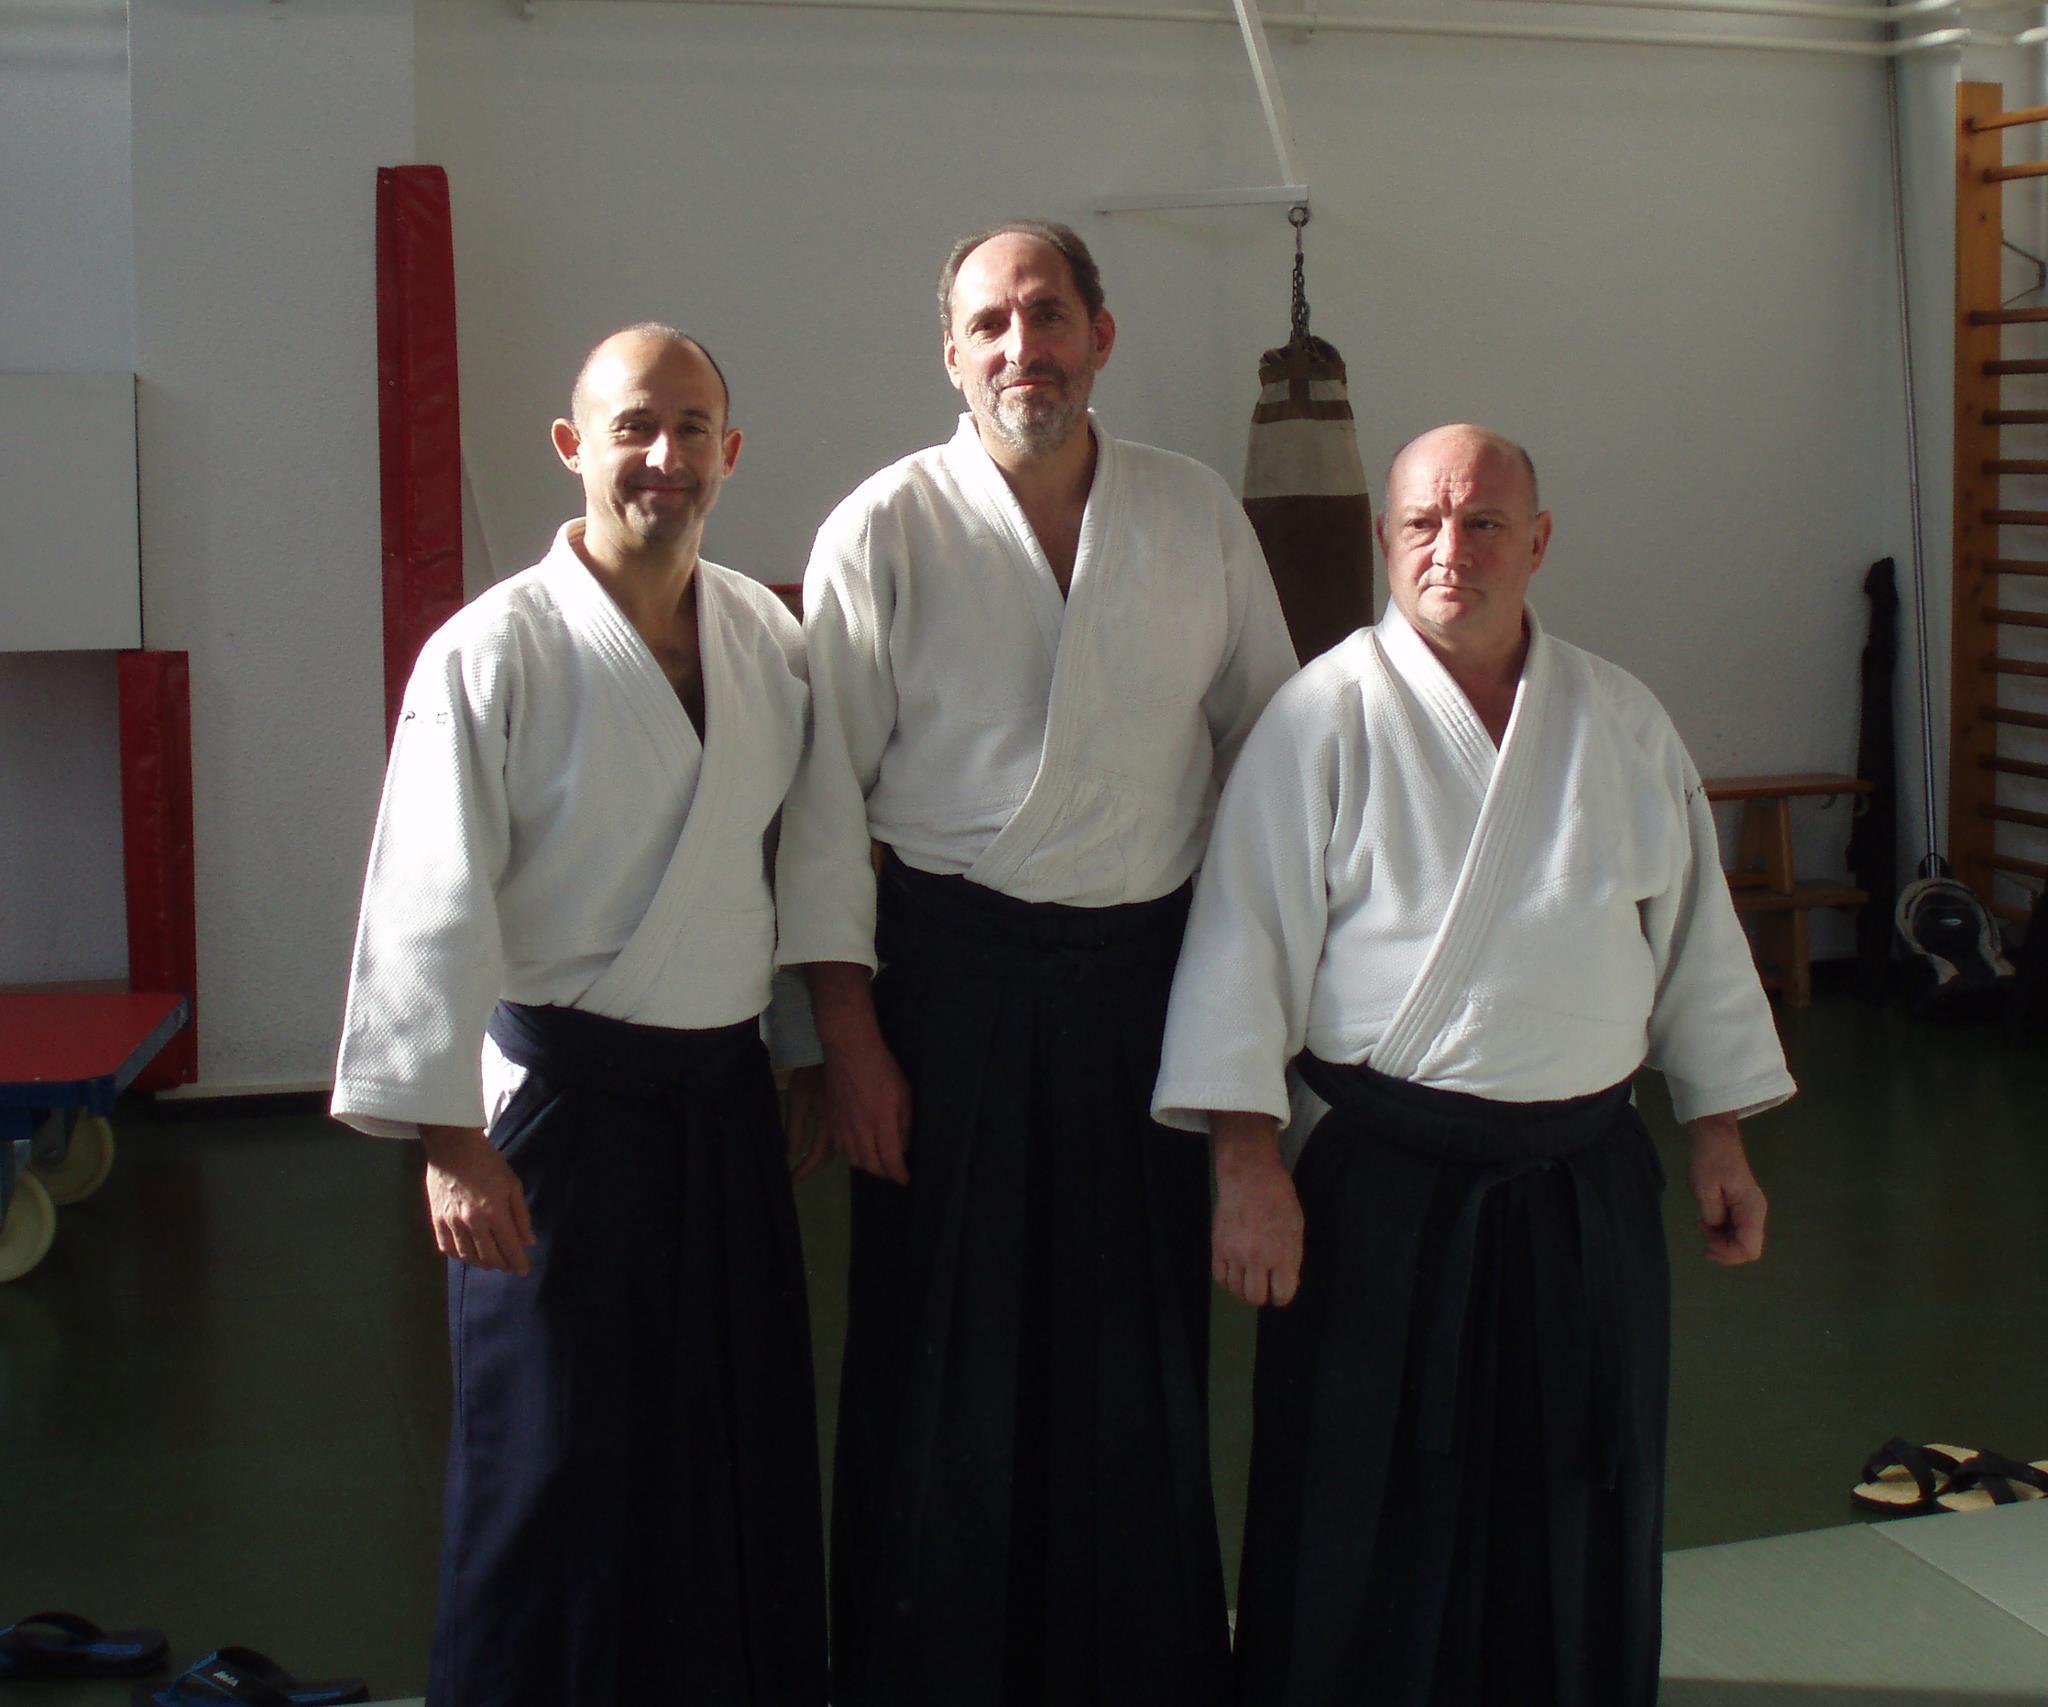 Arturo Navarro, Raúl Melantuche y Salvador Pérez